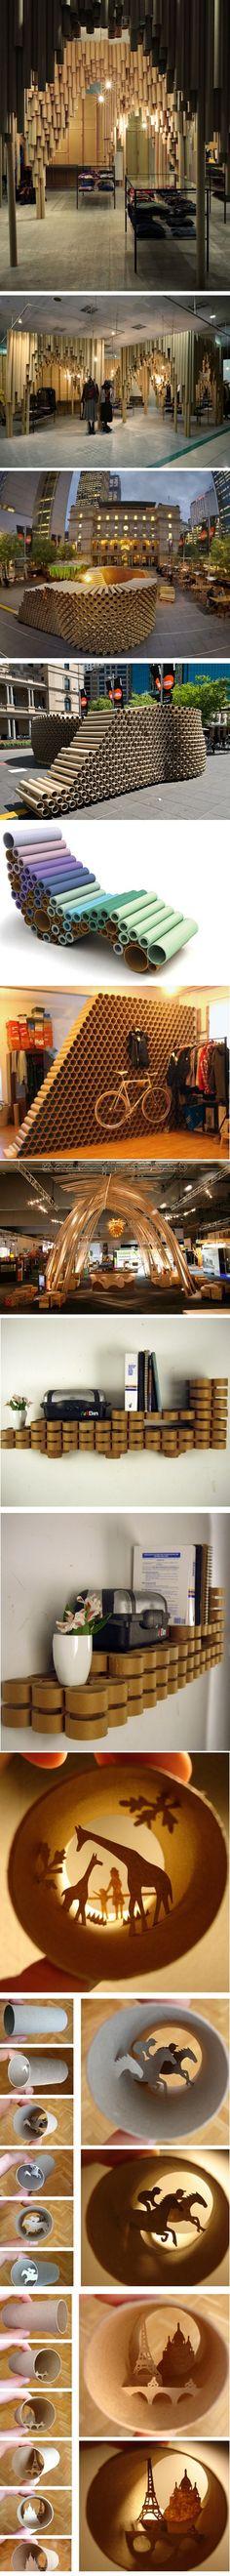 Cosas increíbles que se pueden hacer con tubos de cartón #recycling #design